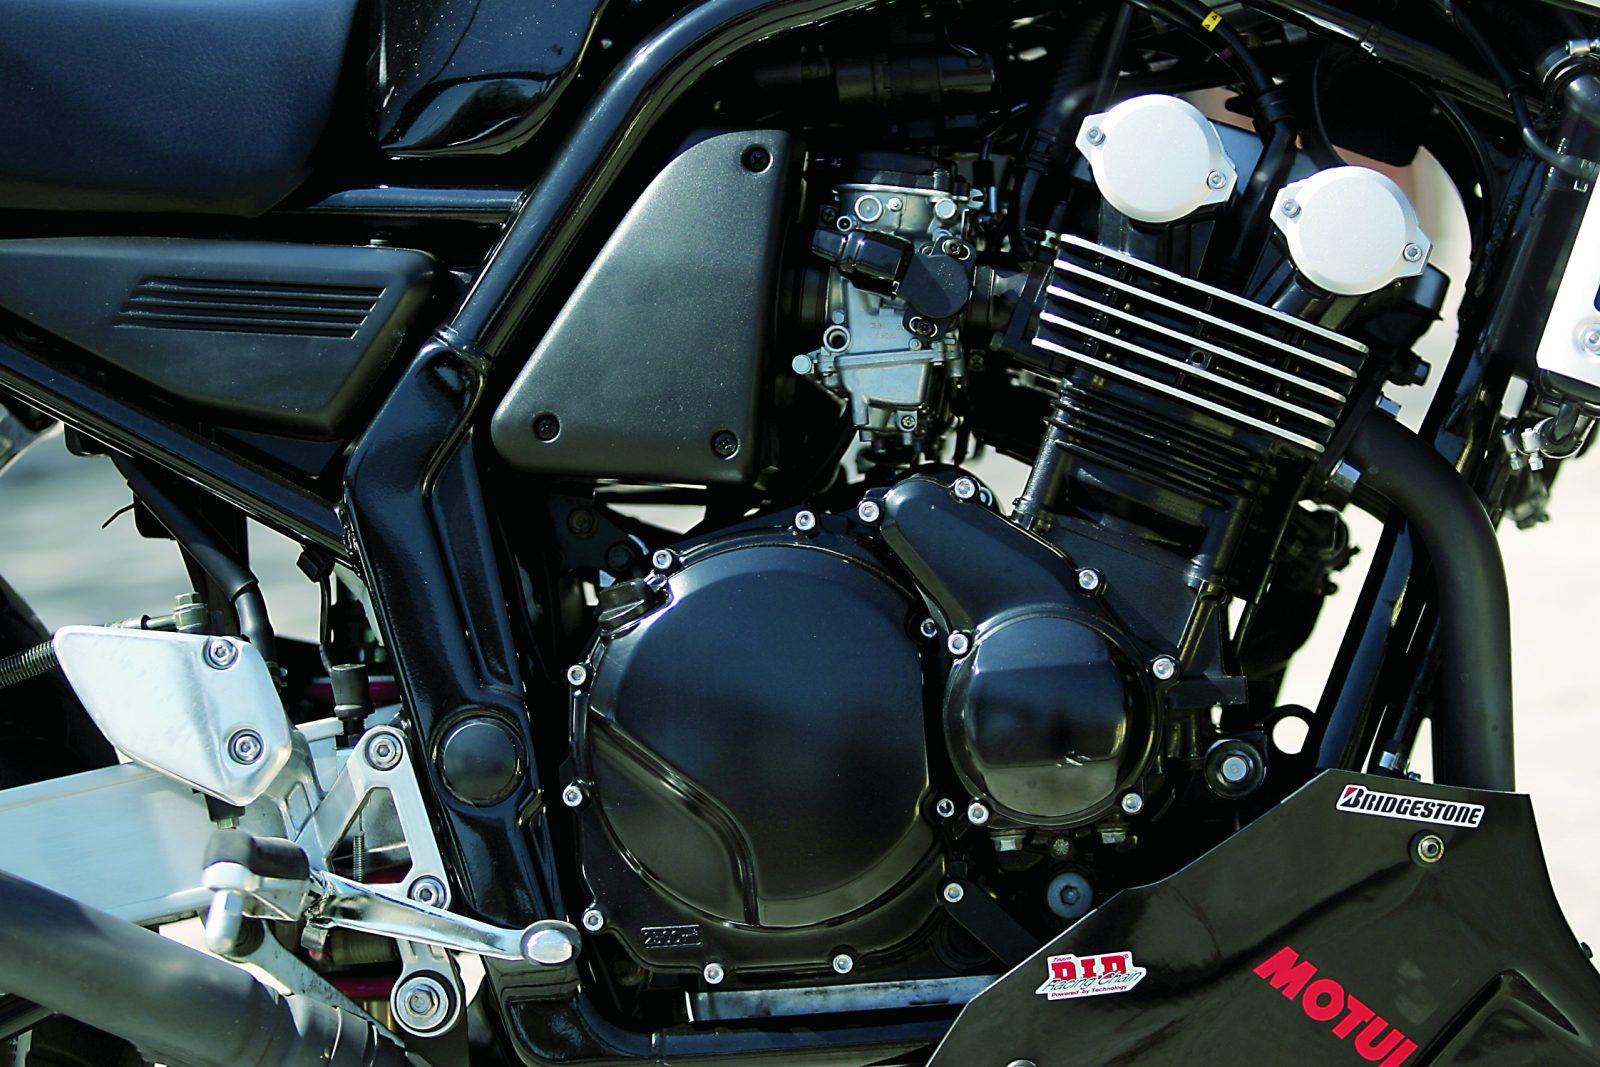 Yamaha FSZ 600 Fazer